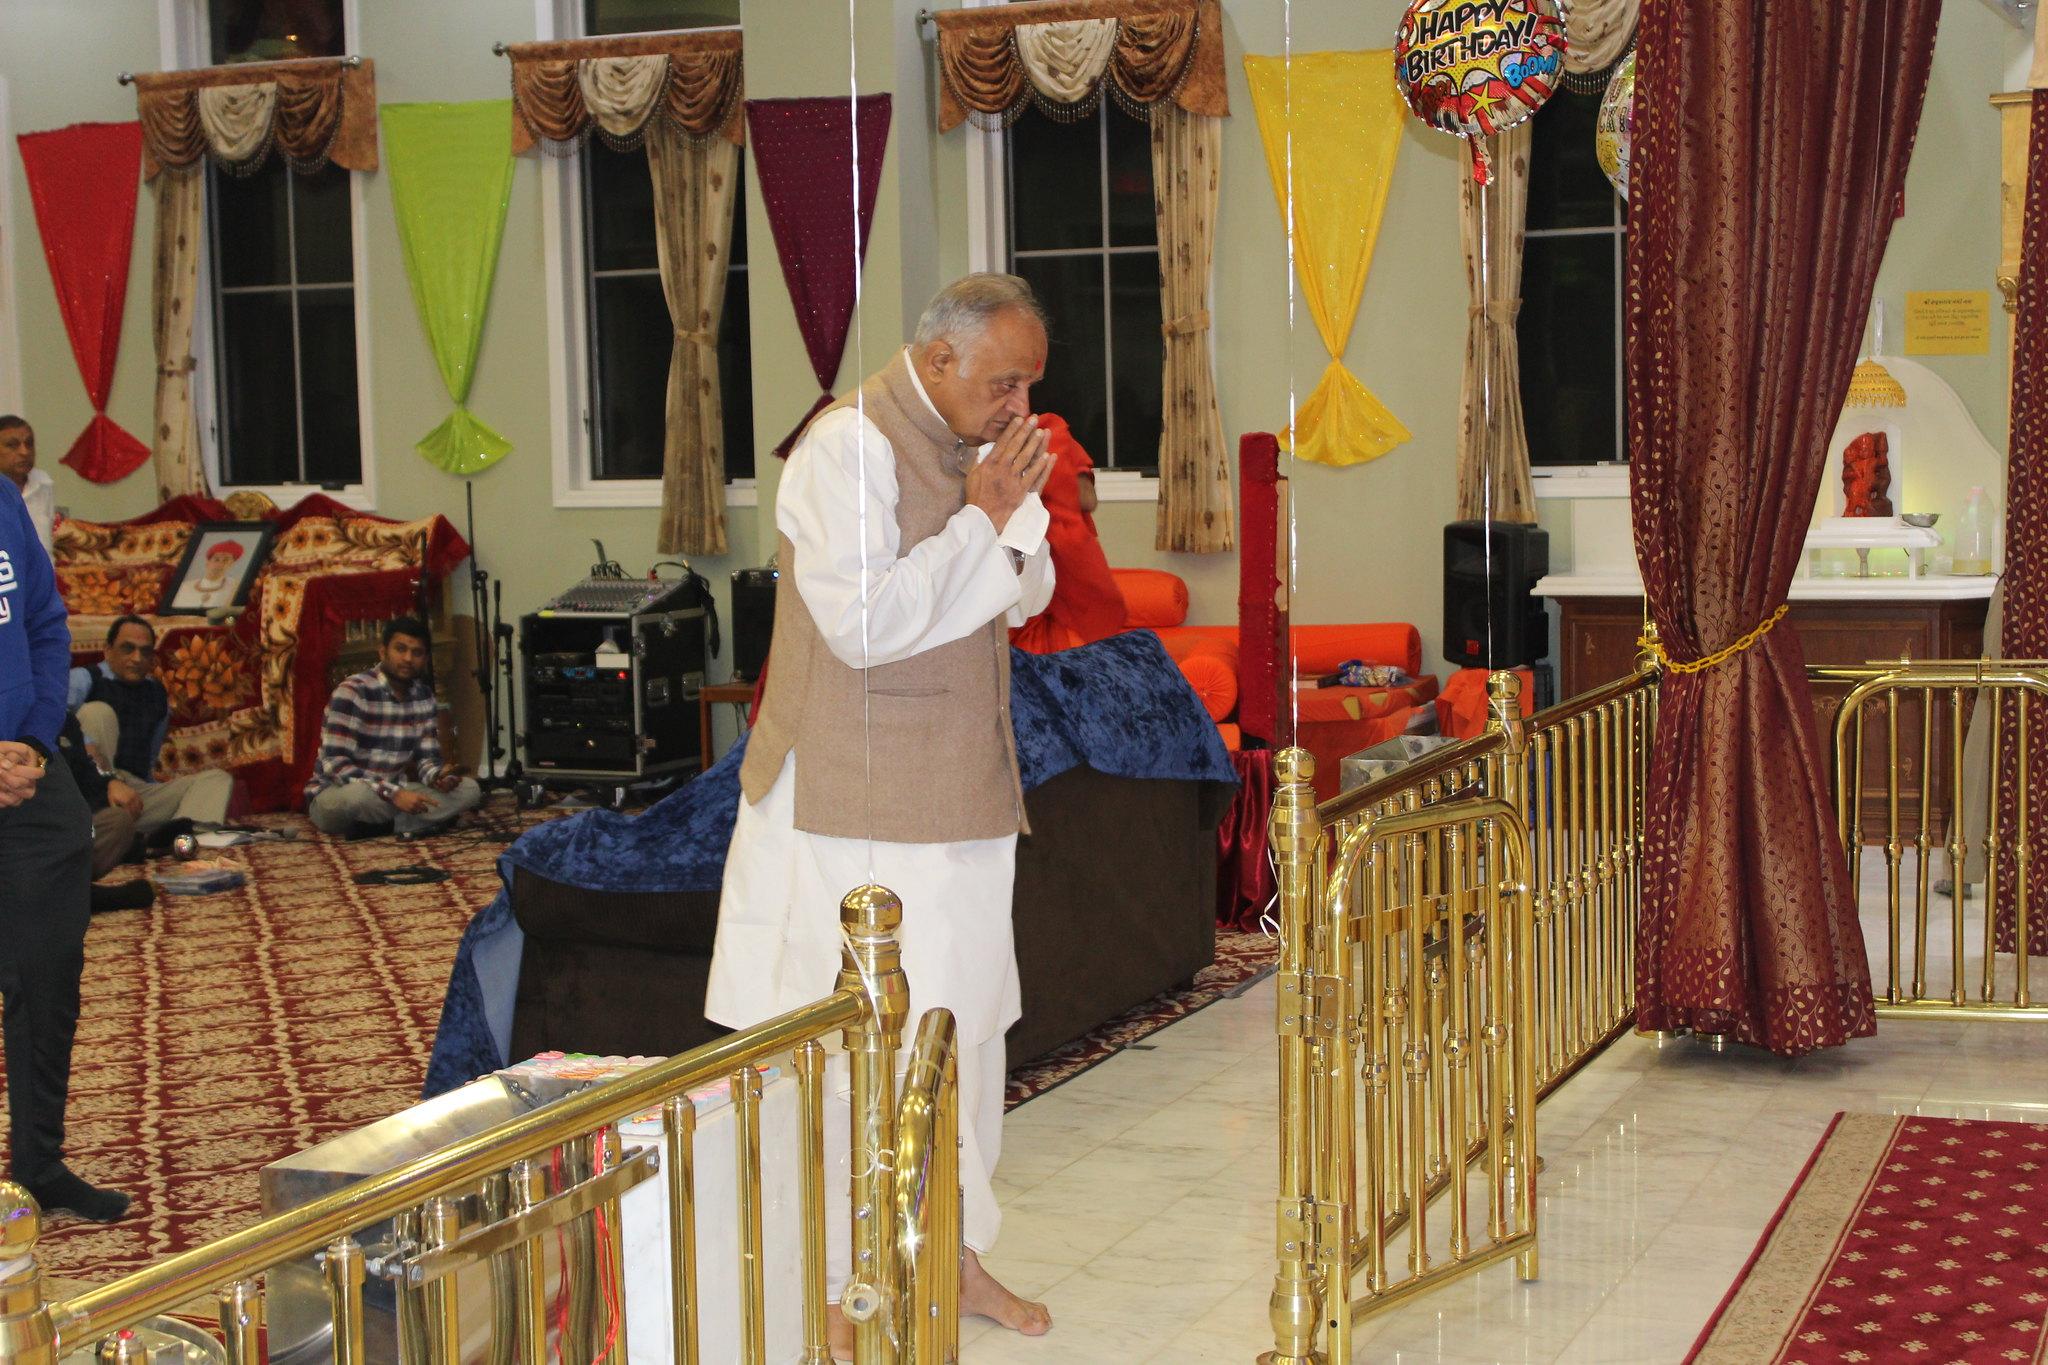 Mota Maharajshree's Visit at Parsippany Temple